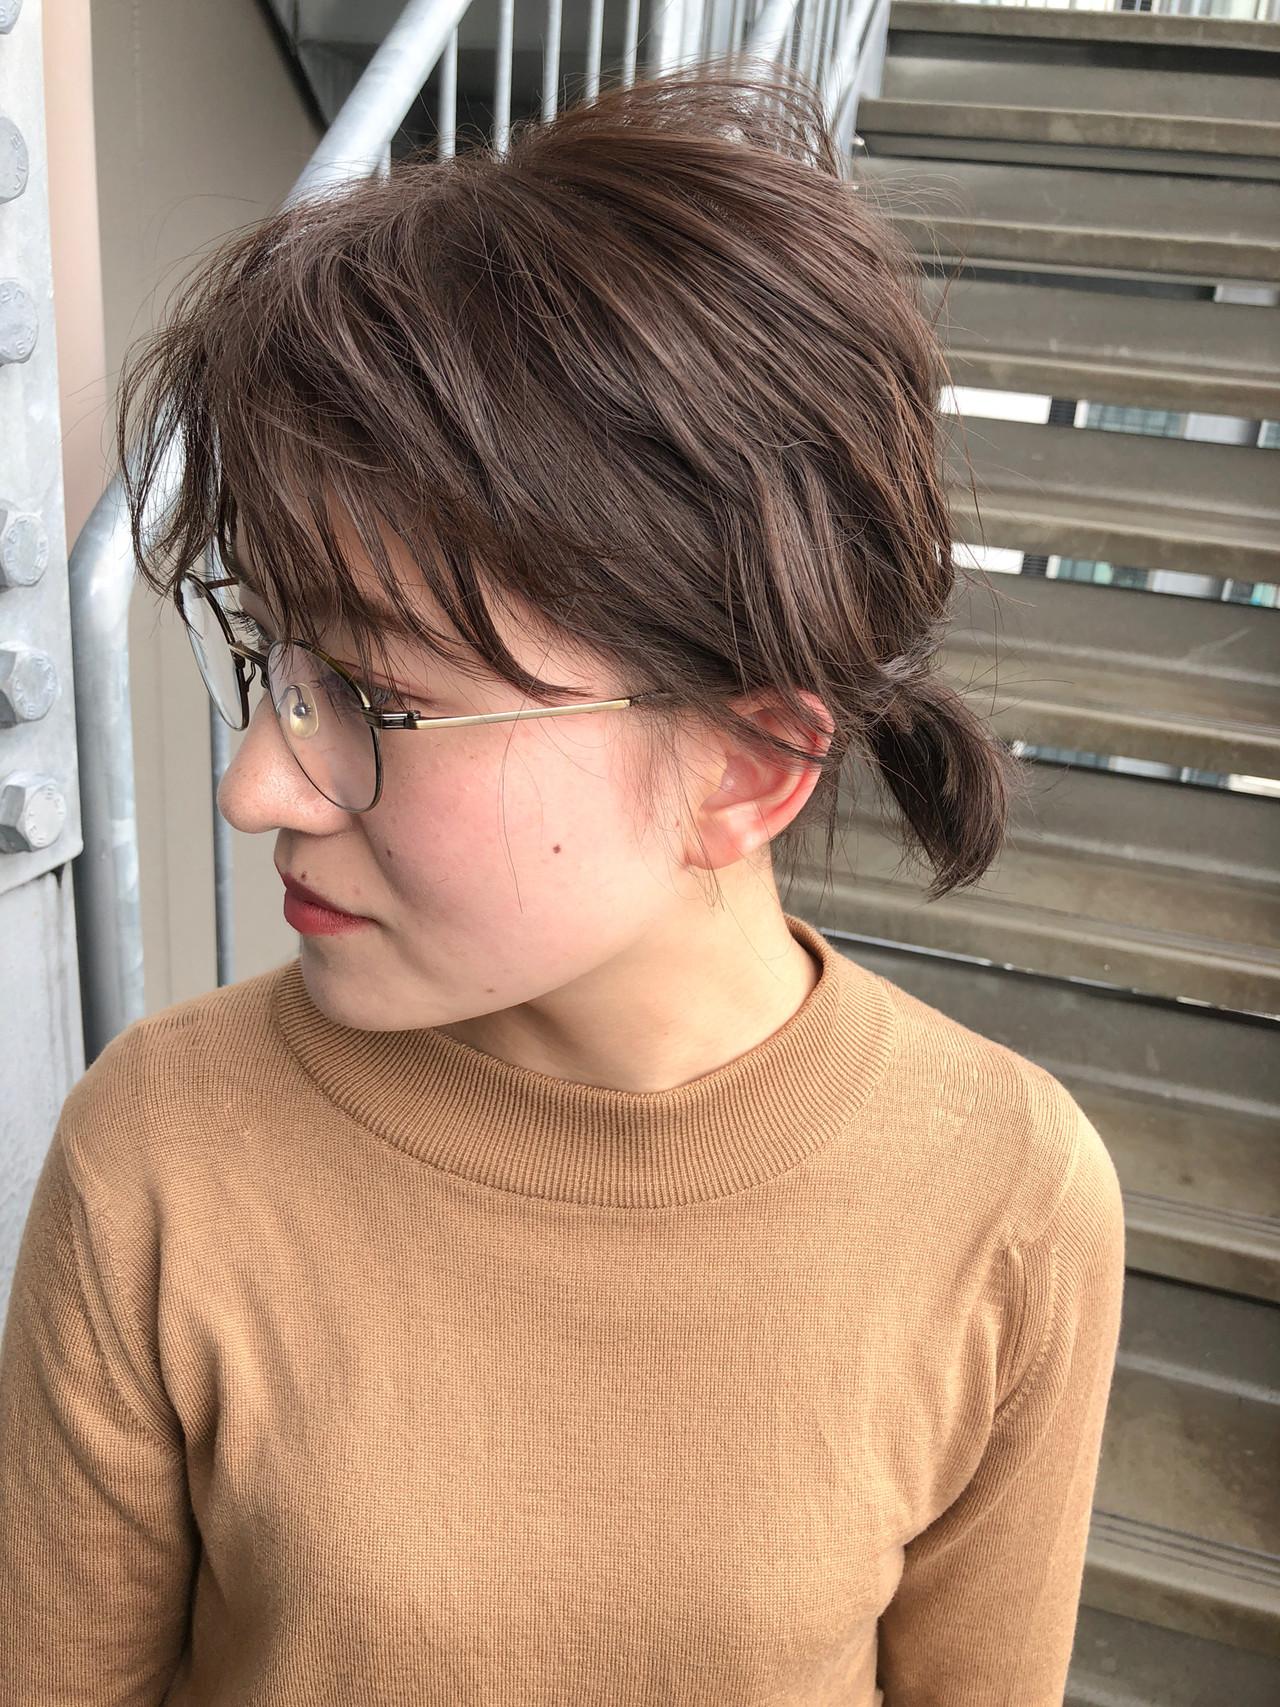 ヌーディーベージュ ナチュラル アンニュイほつれヘア ミディアム ヘアスタイルや髪型の写真・画像